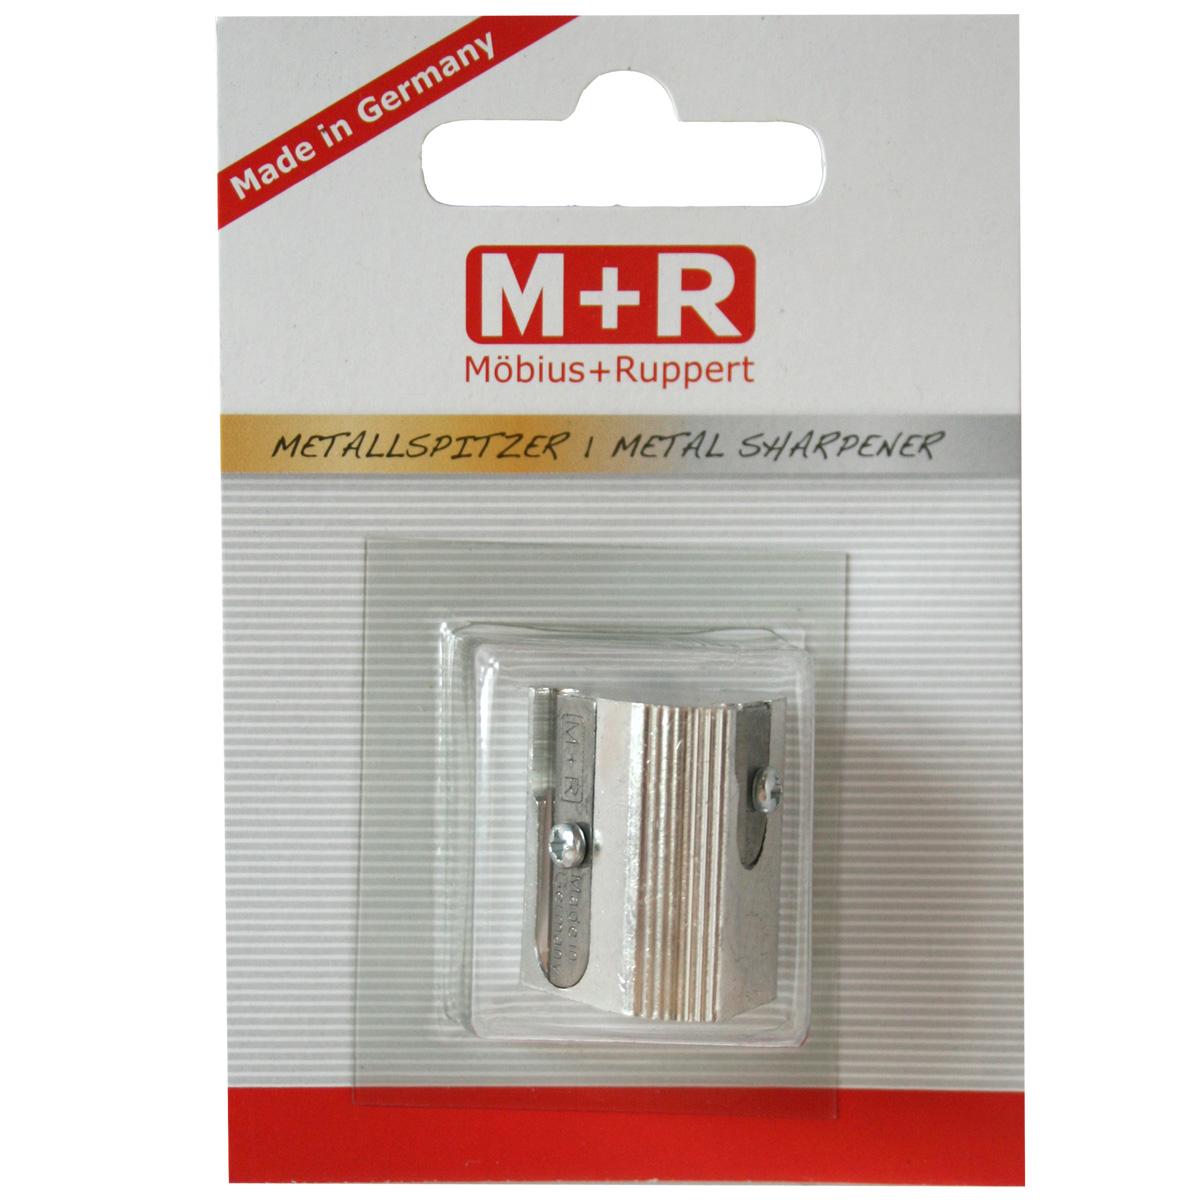 M+R Точилка с тремя отверстиямиFS-36054Точилка M+R выполнена из качественного металла.В точилке имеются три отверстия для карандашей стандартного диаметра. Точилка подходит для заточки чернографитных и цветных карандашей. Эргономичная оригинальная форма сделает эту точилку незаменимым аксессуаром среди ваших канцелярских принадлежностей.